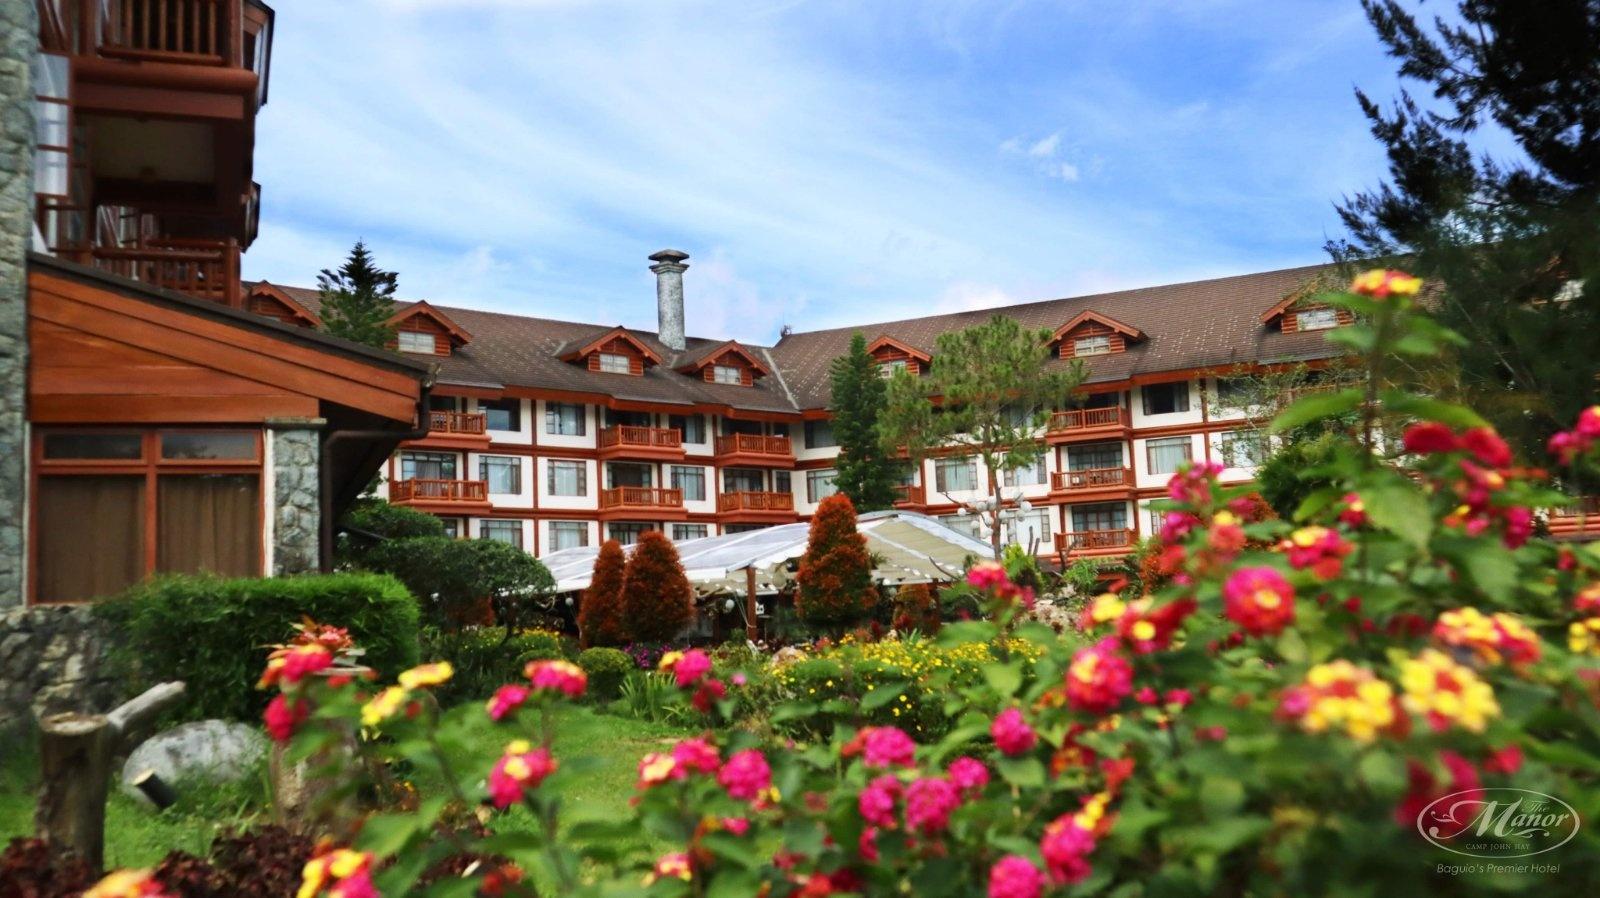 Facade of The Manor Hotel at Camp John Hay